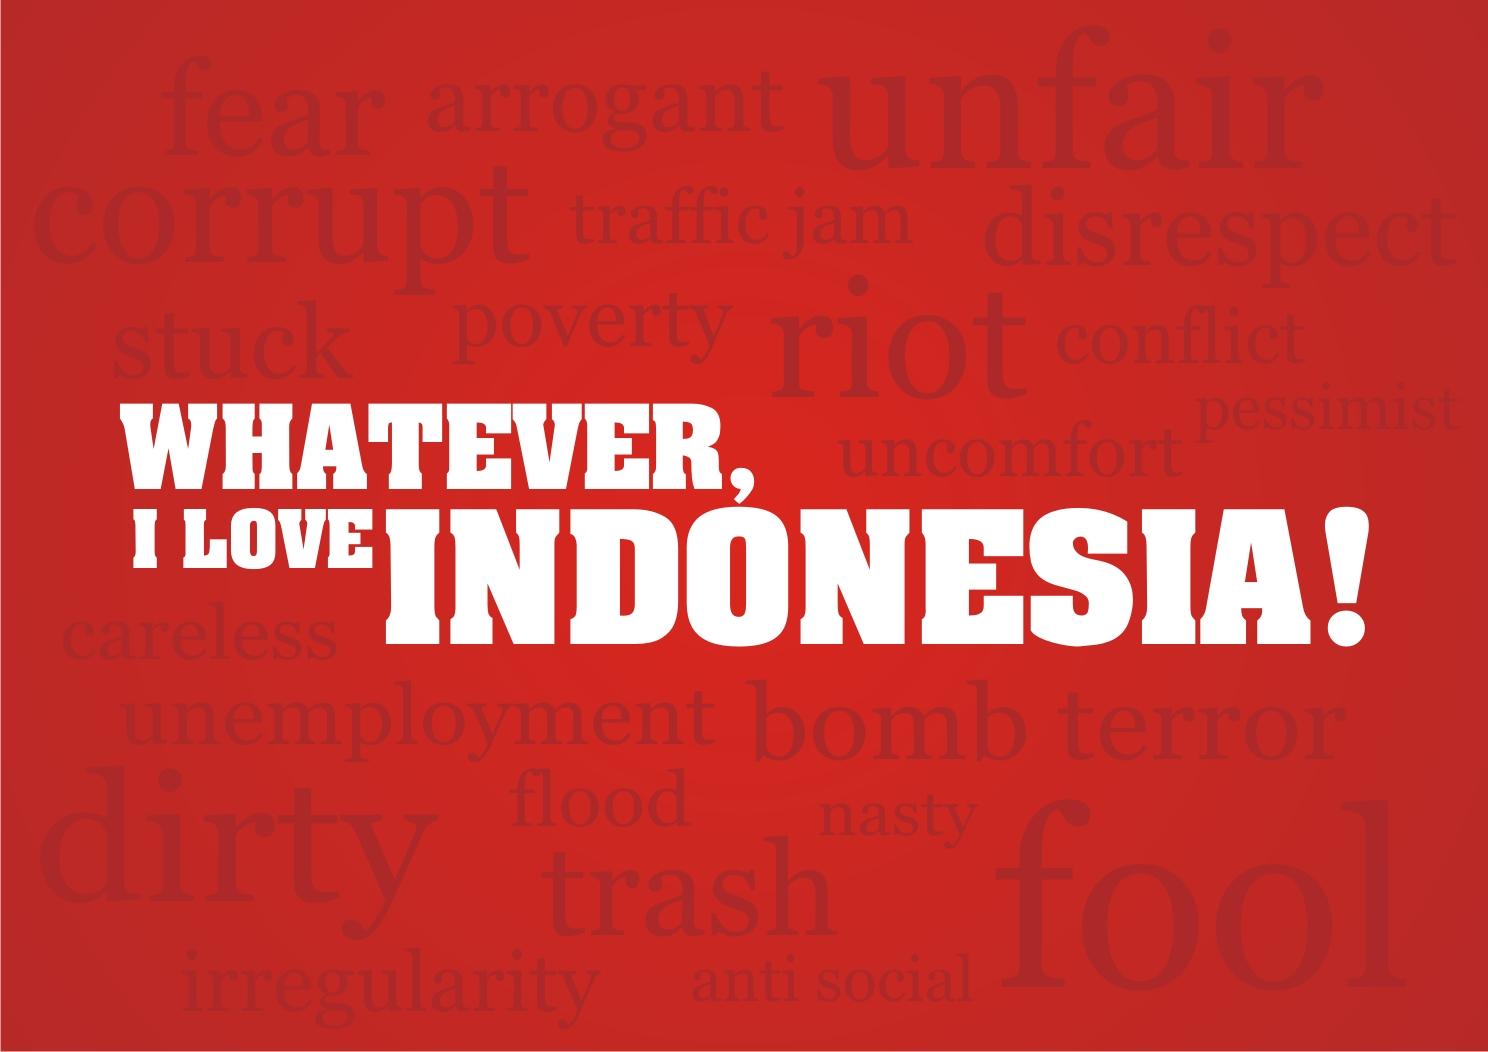 POLITIK PEREMPUAN DI INDONESIA | CAS - CUS